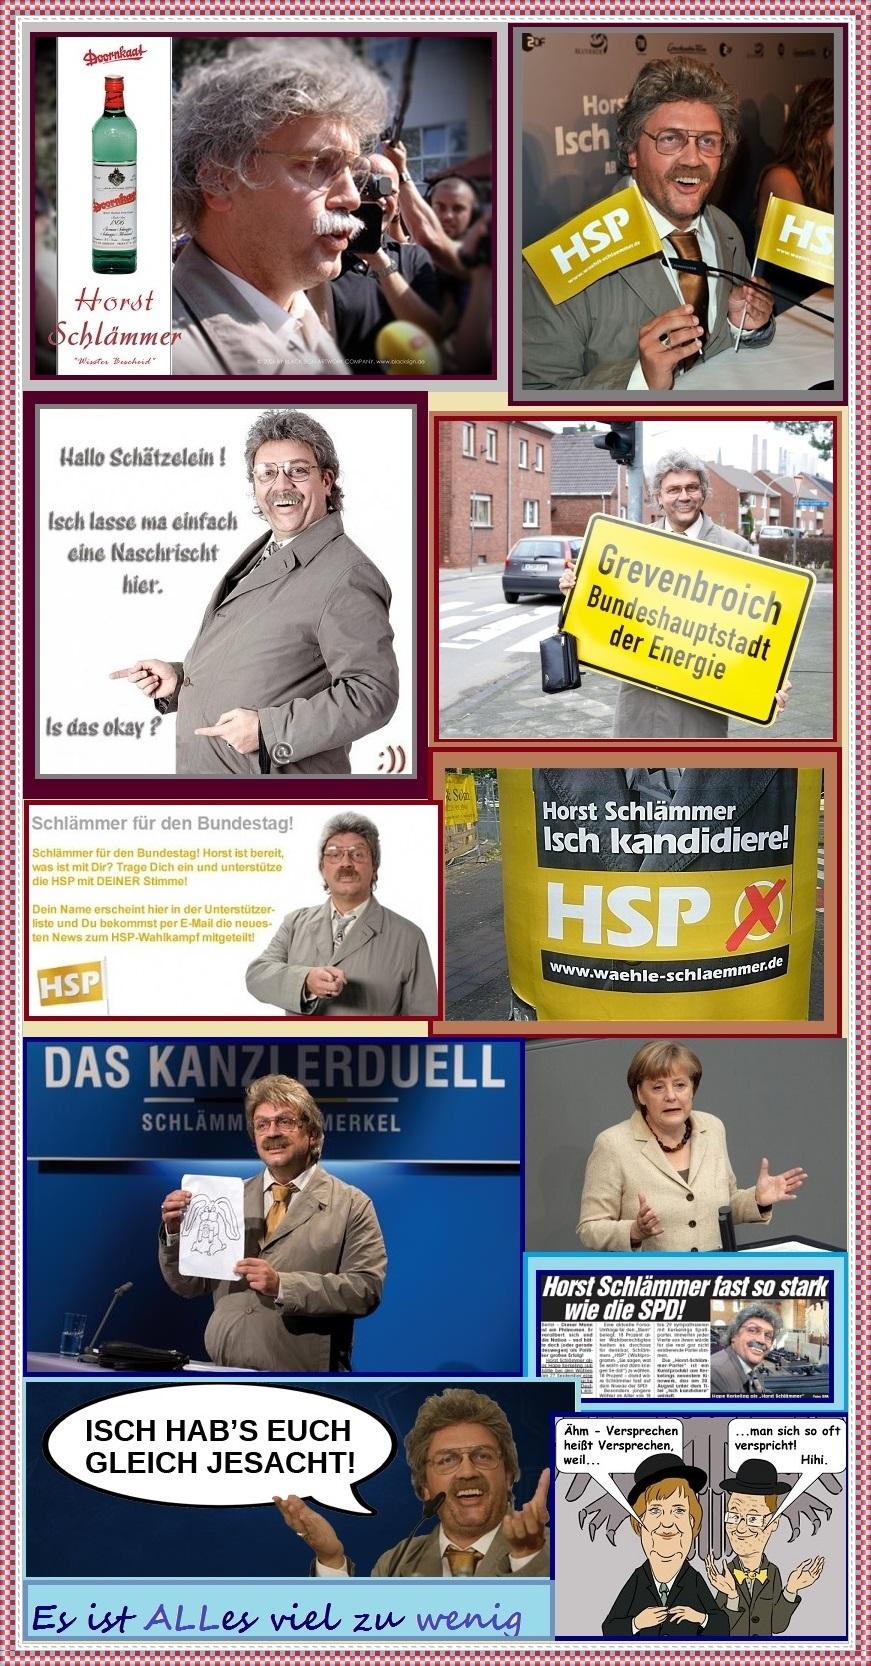 HorstSCHLEMMER